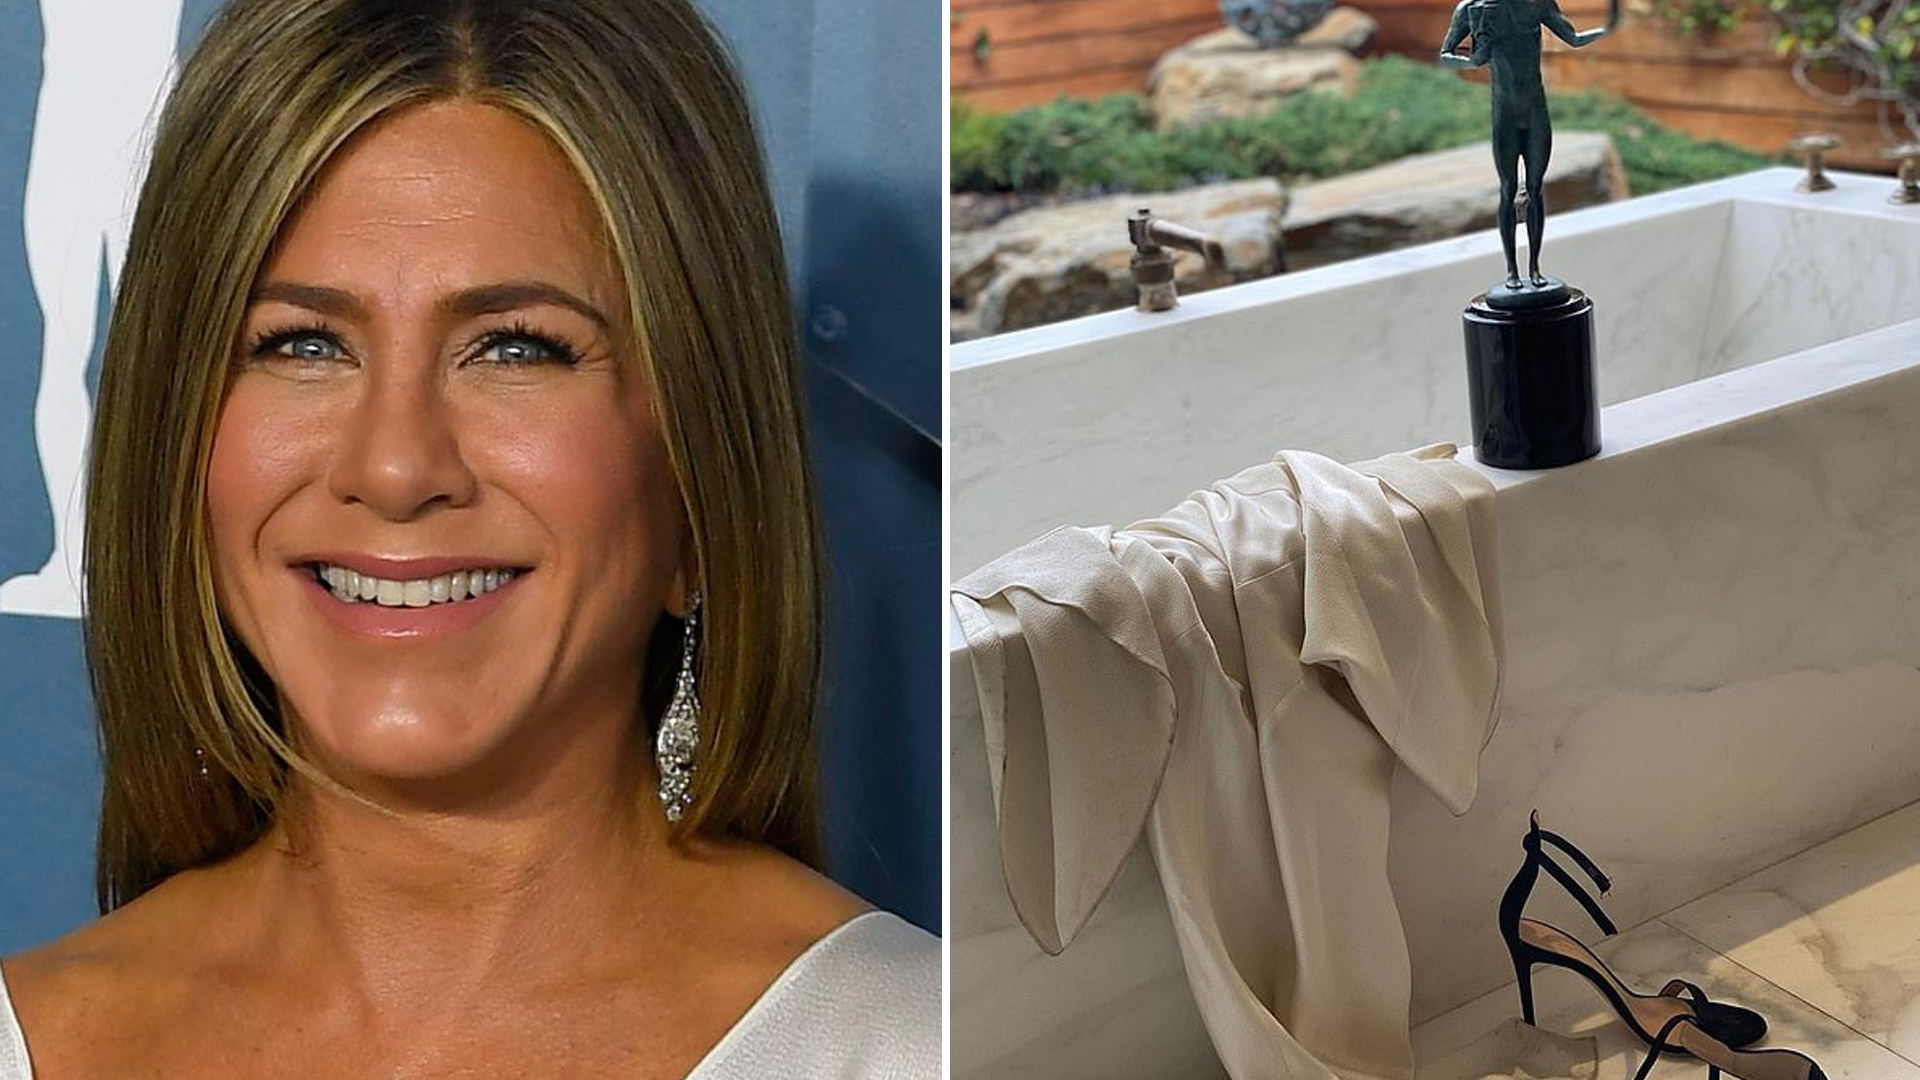 Piękna łazienka i OGROMNA garderoba – Jennifer Aniston pokazuje na Instagramie SWÓJ DOM